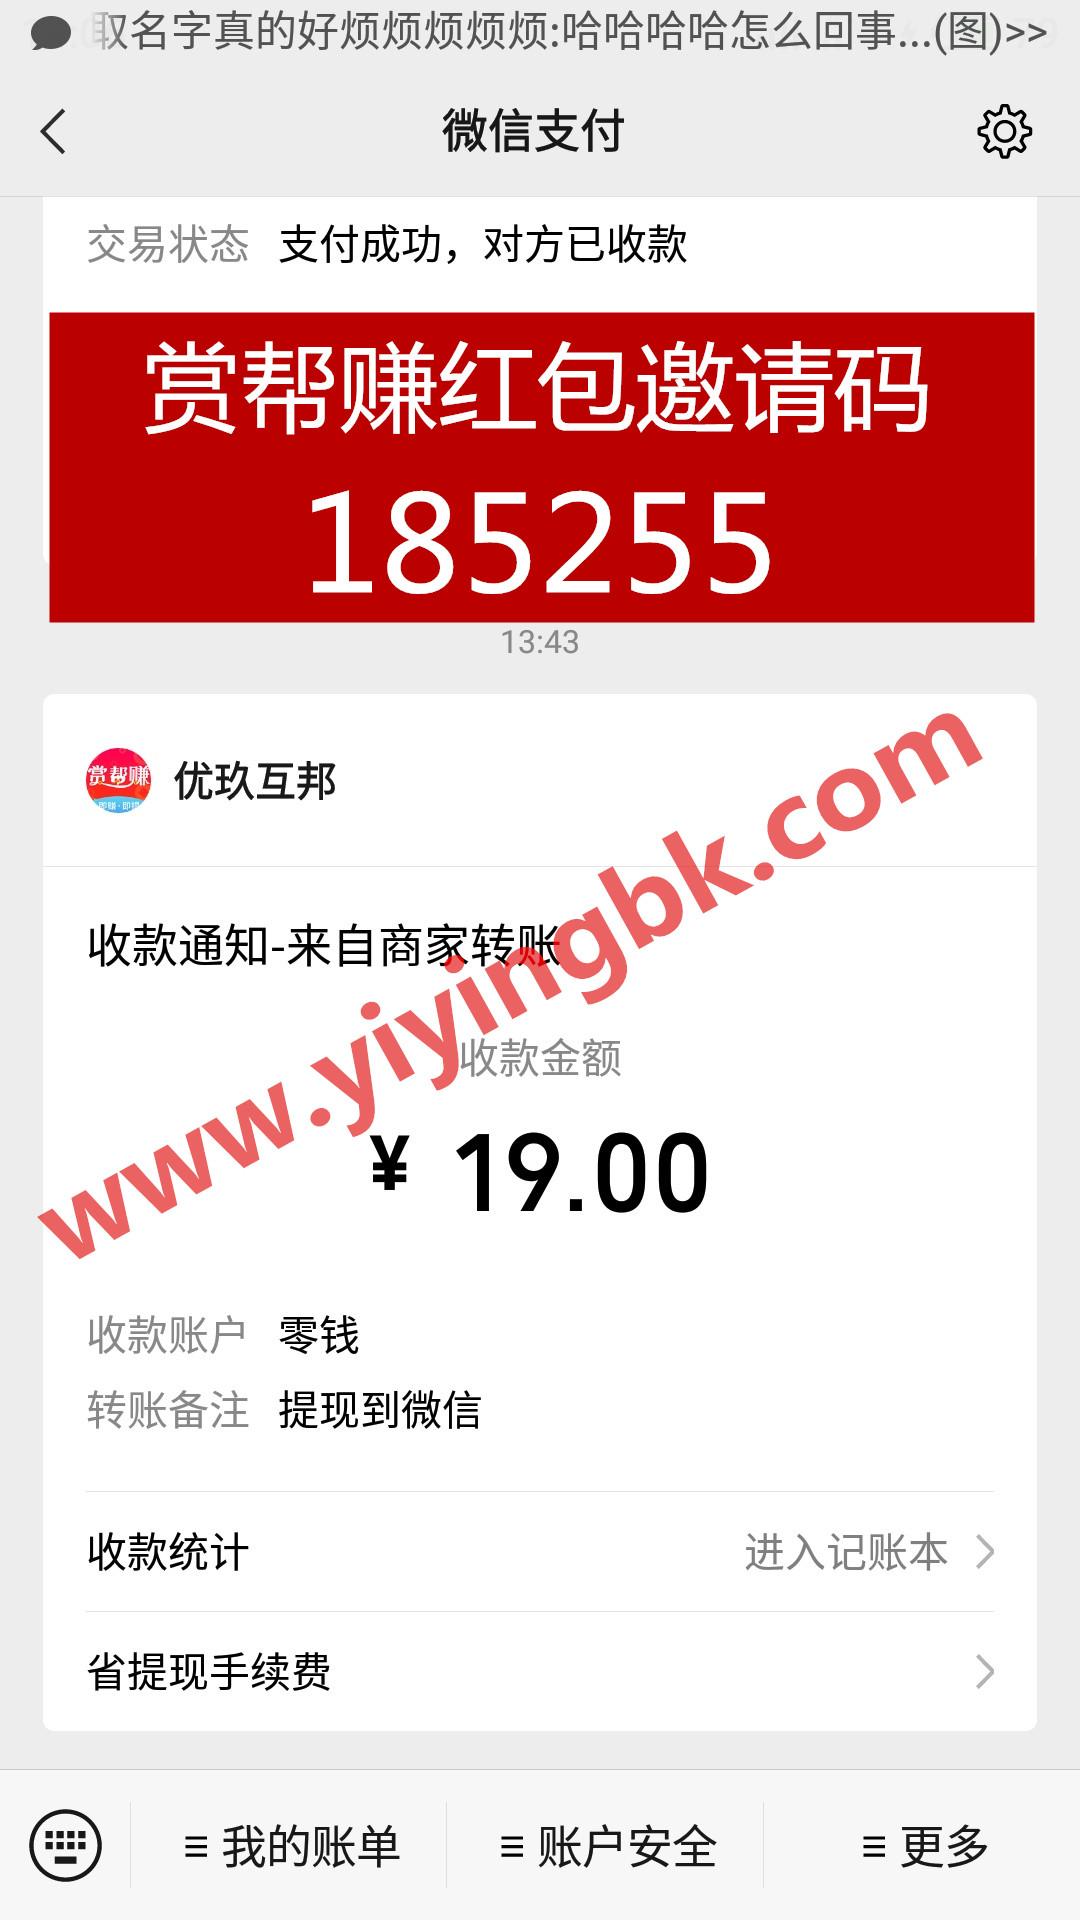 微信提现红包19元,支付秒到账。www.yiyingbk.com